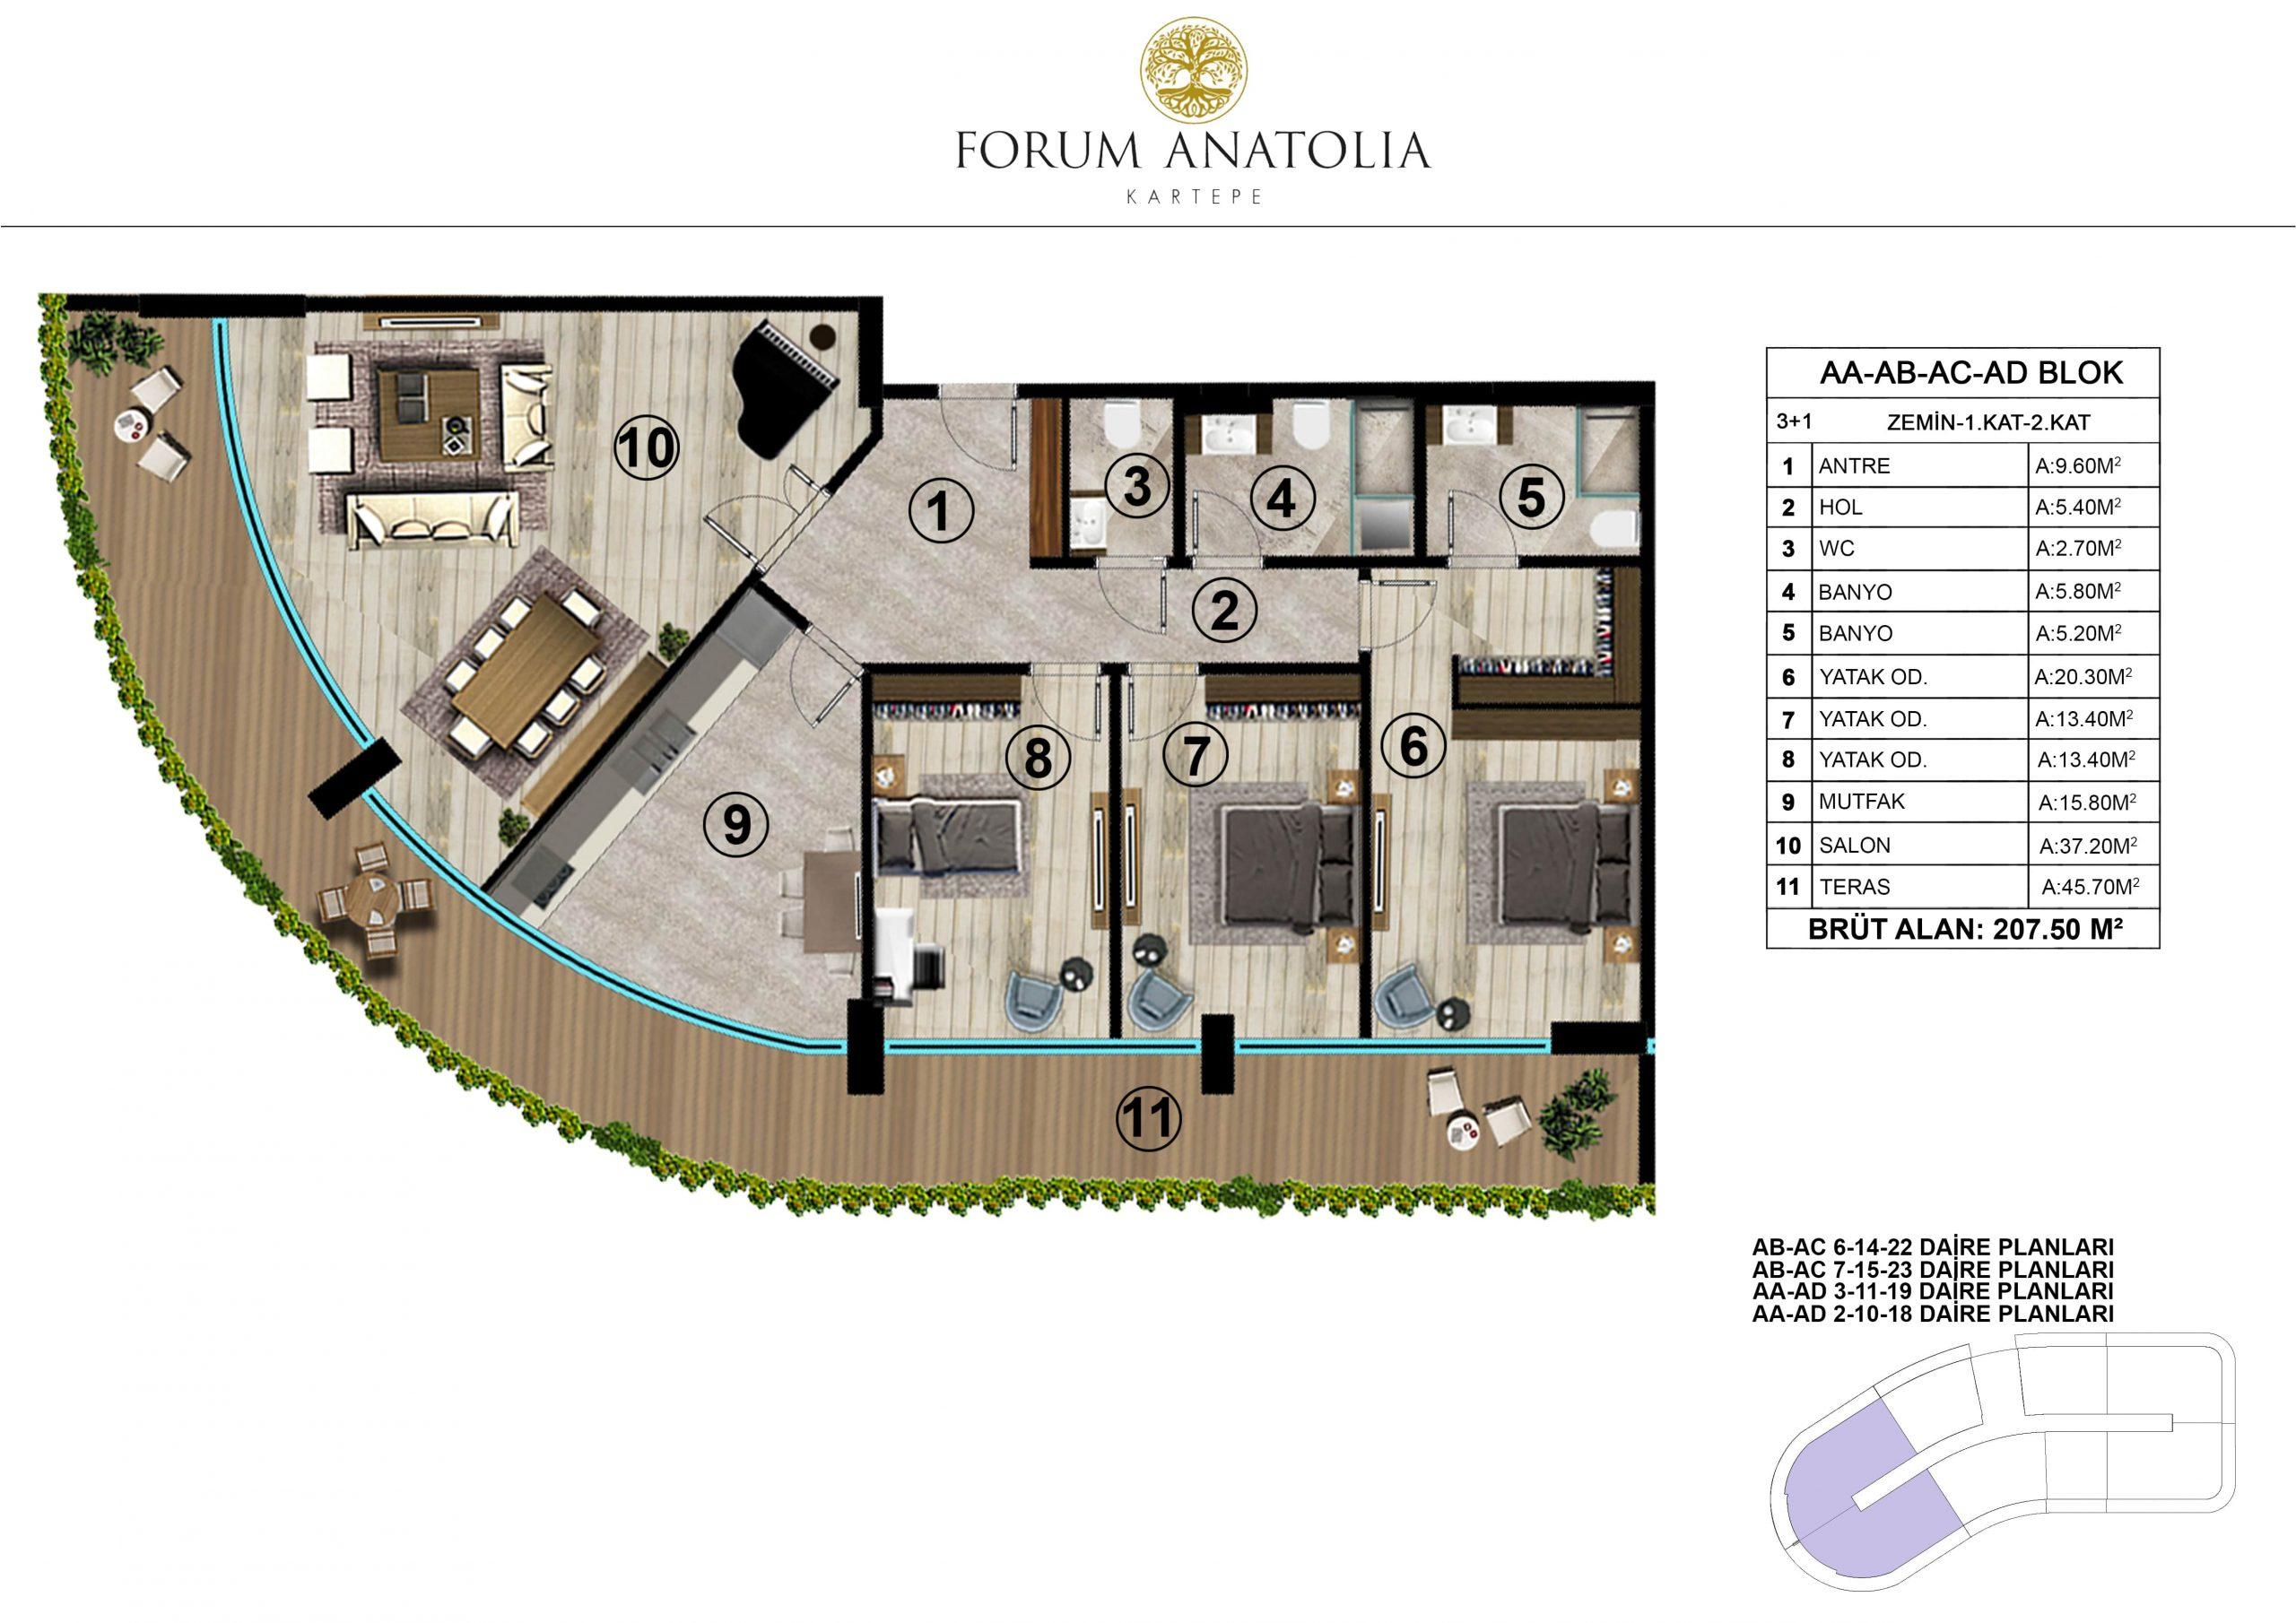 Forum Anatolia Kartepe 31 Kat Plani scaled